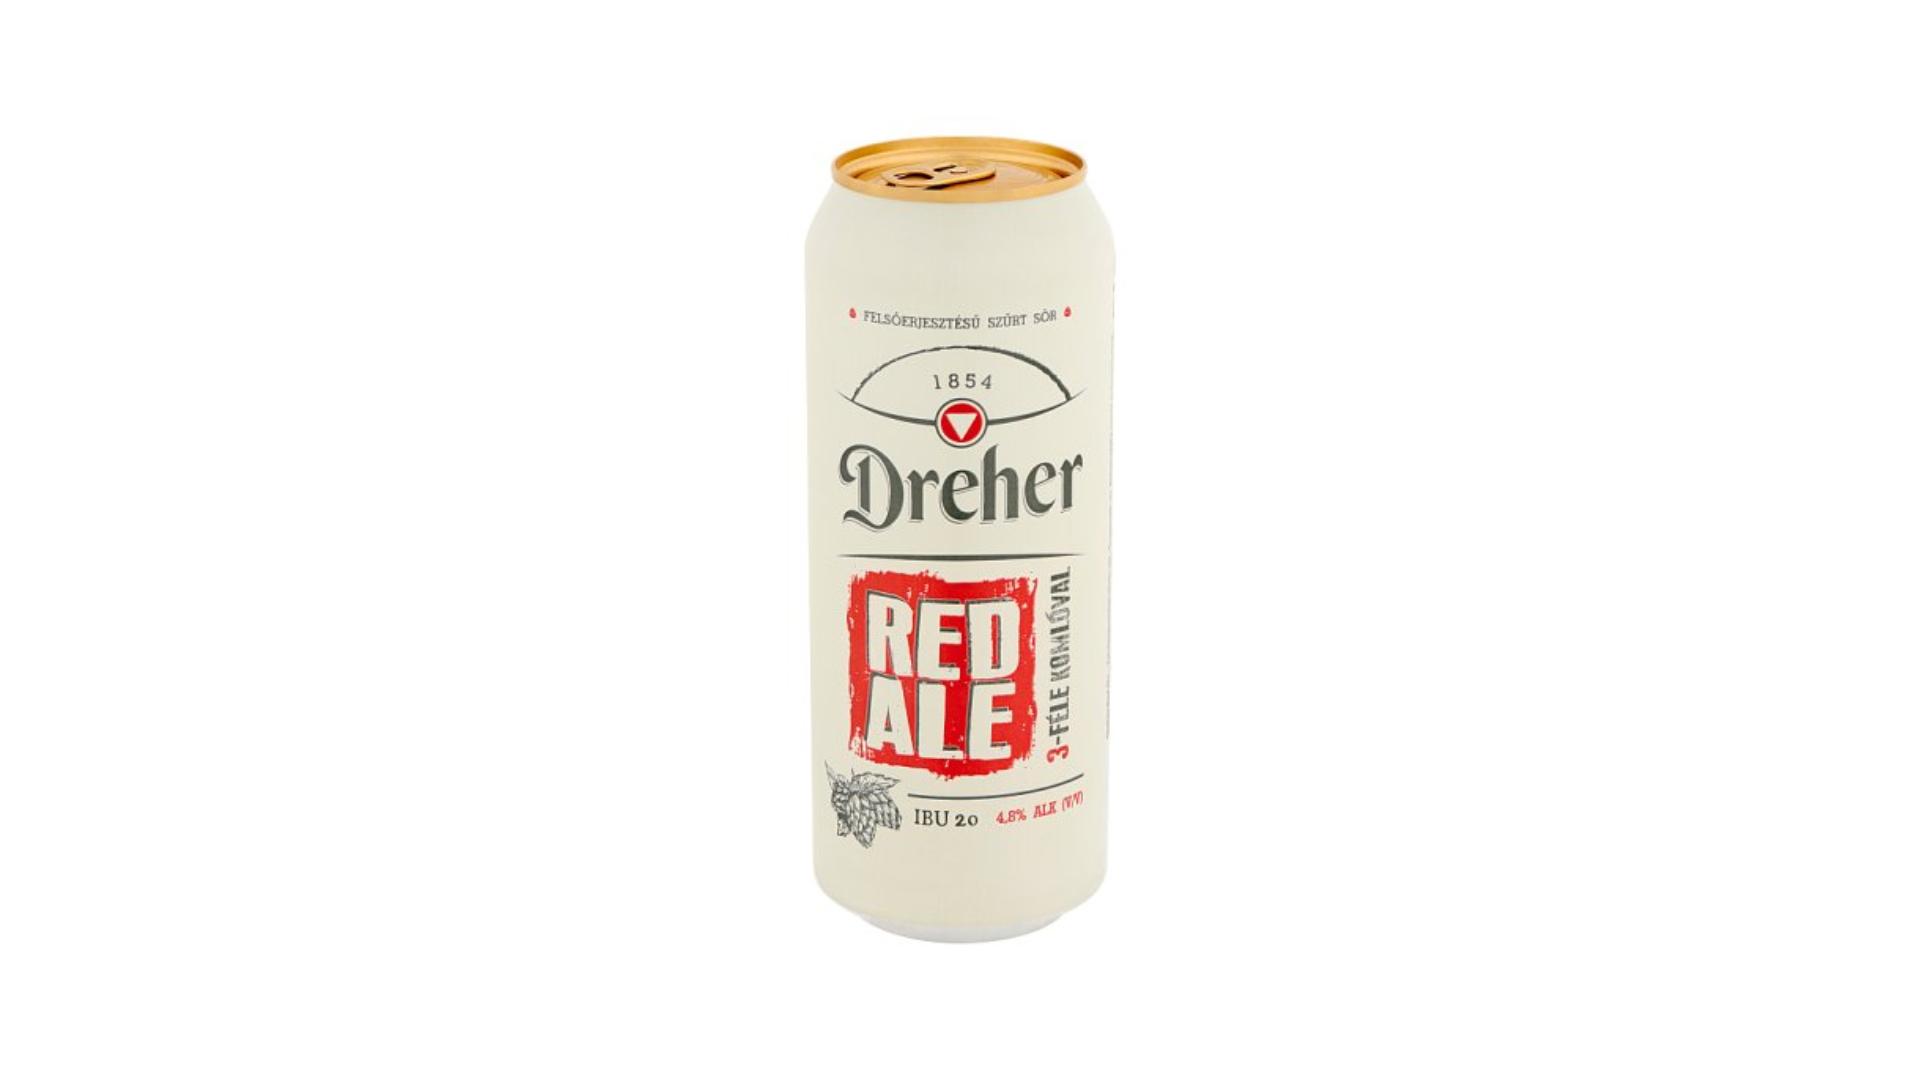 Dreher Red Ale - a magyar nagyüzem válasza